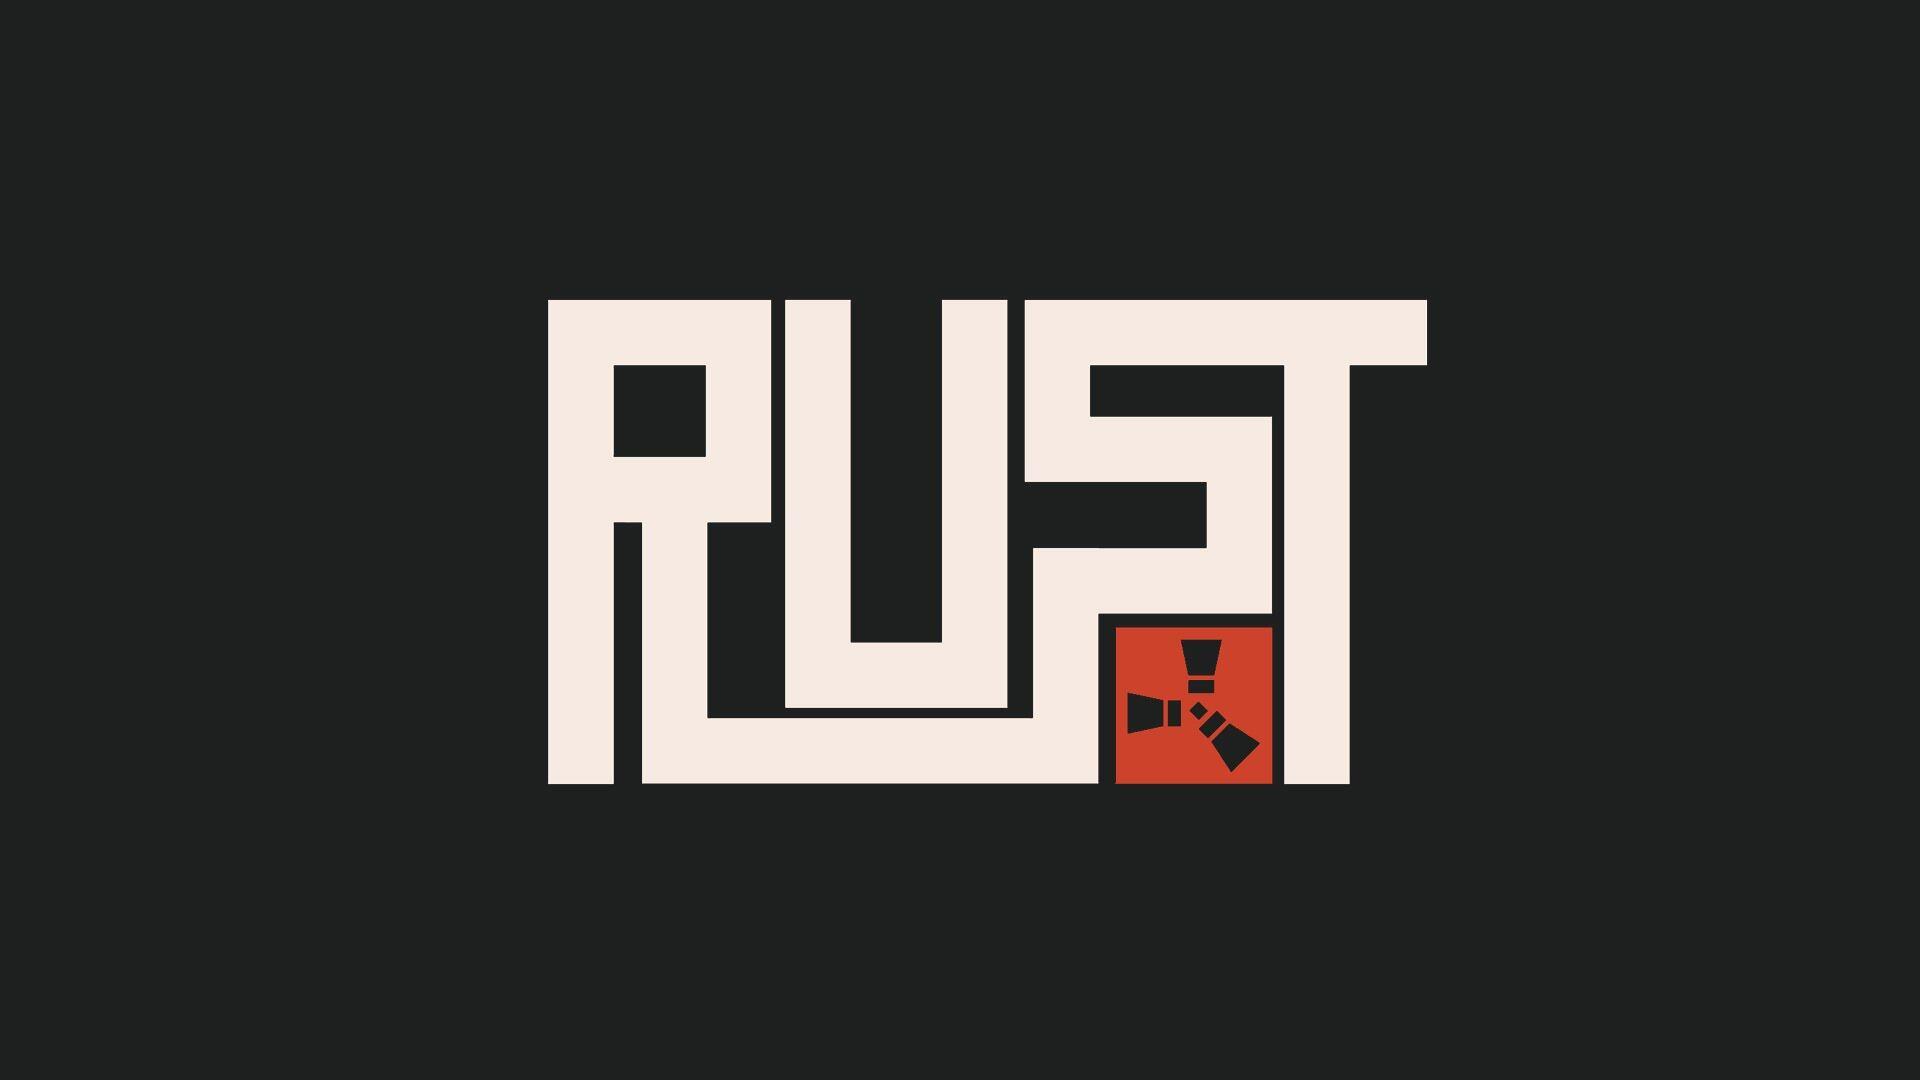 微软正在探索使用 Rust 开发安全的软件